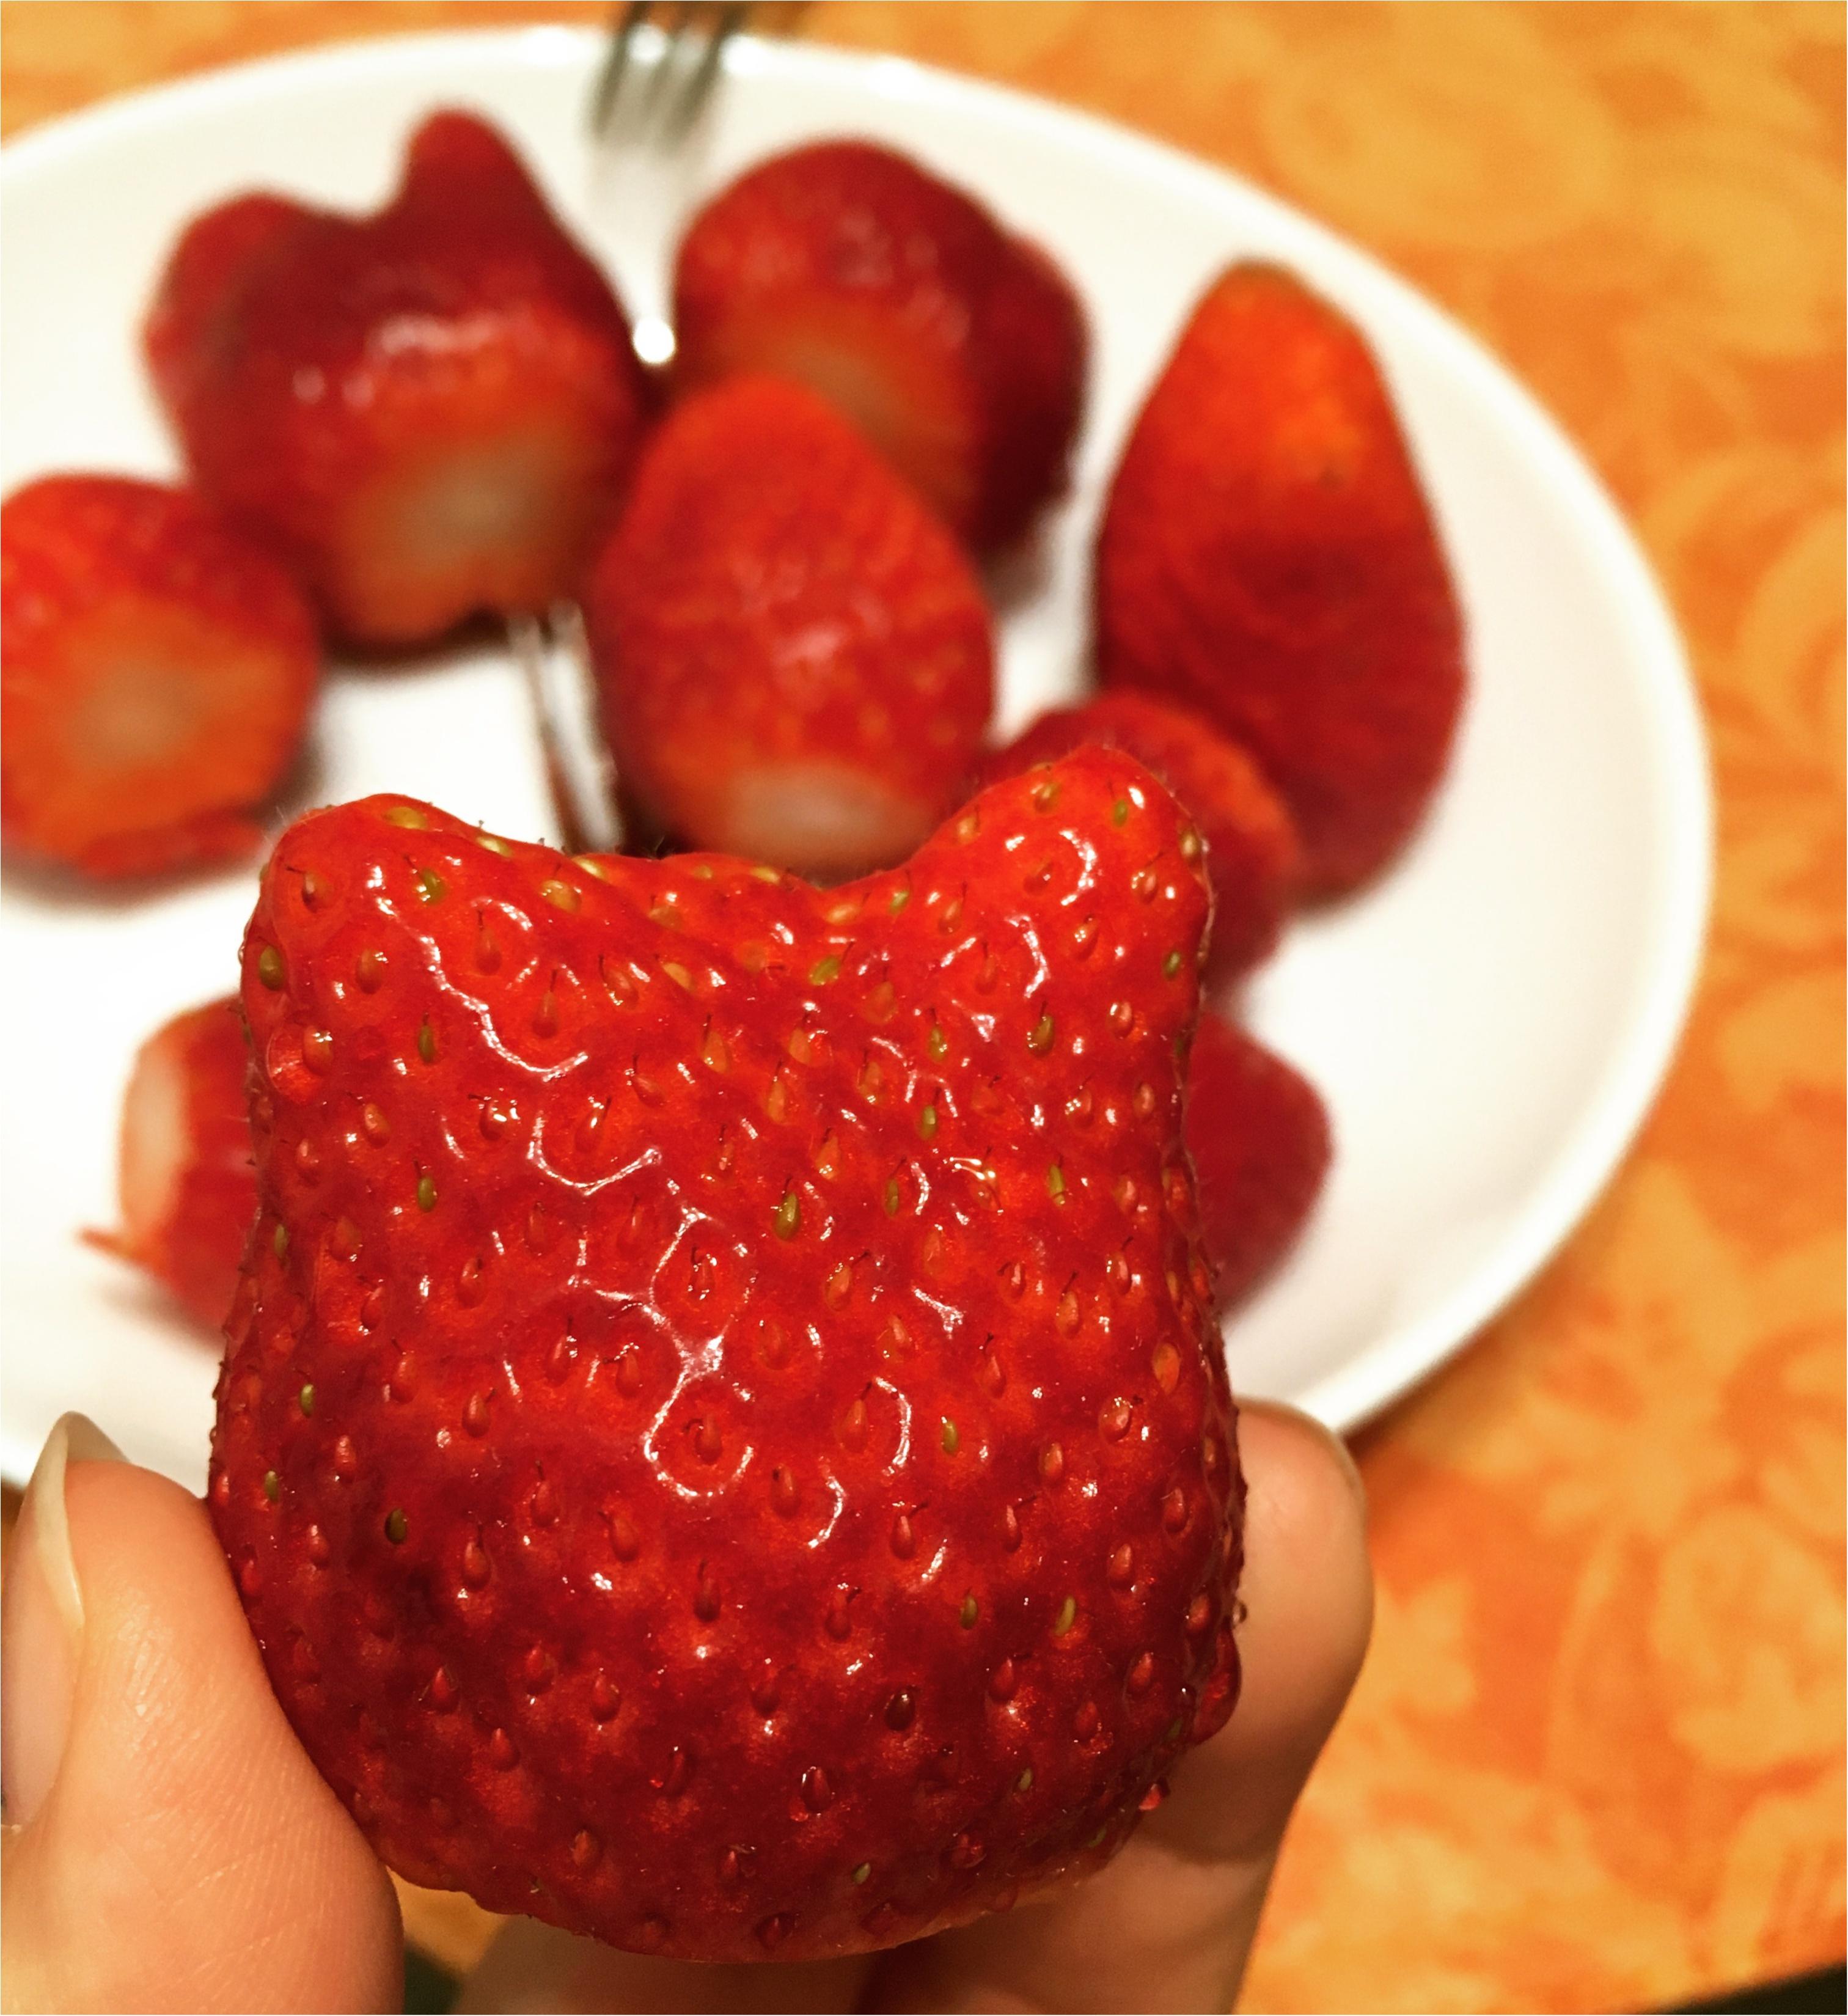 好きなイチゴの品種を発見!!めちゃめちゃおおぶり章姫サマ。_4